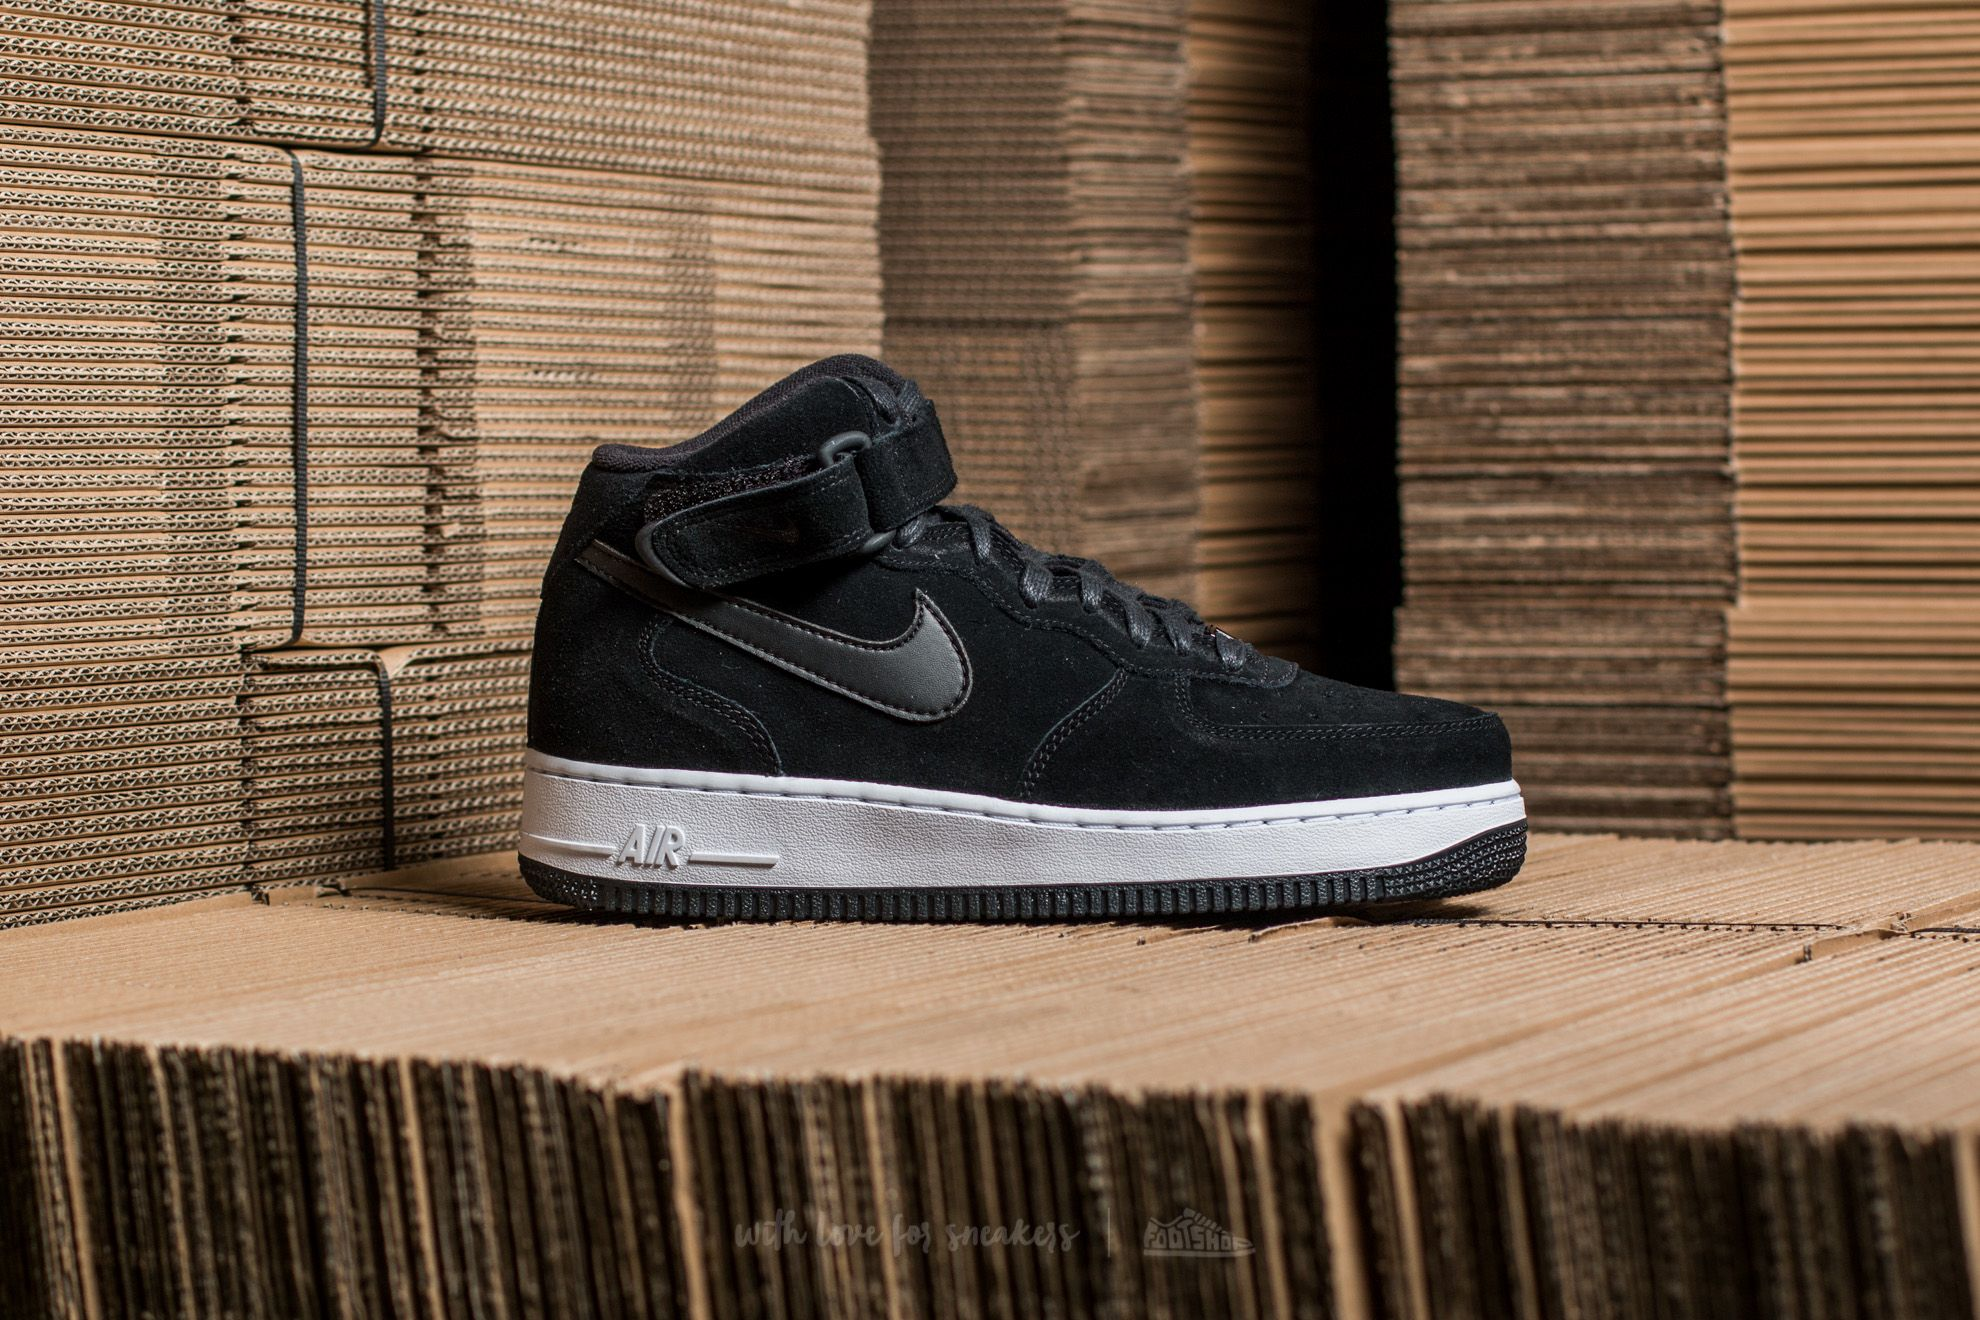 najnowszy projekt w magazynie sprzedaje Nike W Air Force 1 ´07 Mid Seasonal Black/ Black-White | Footshop